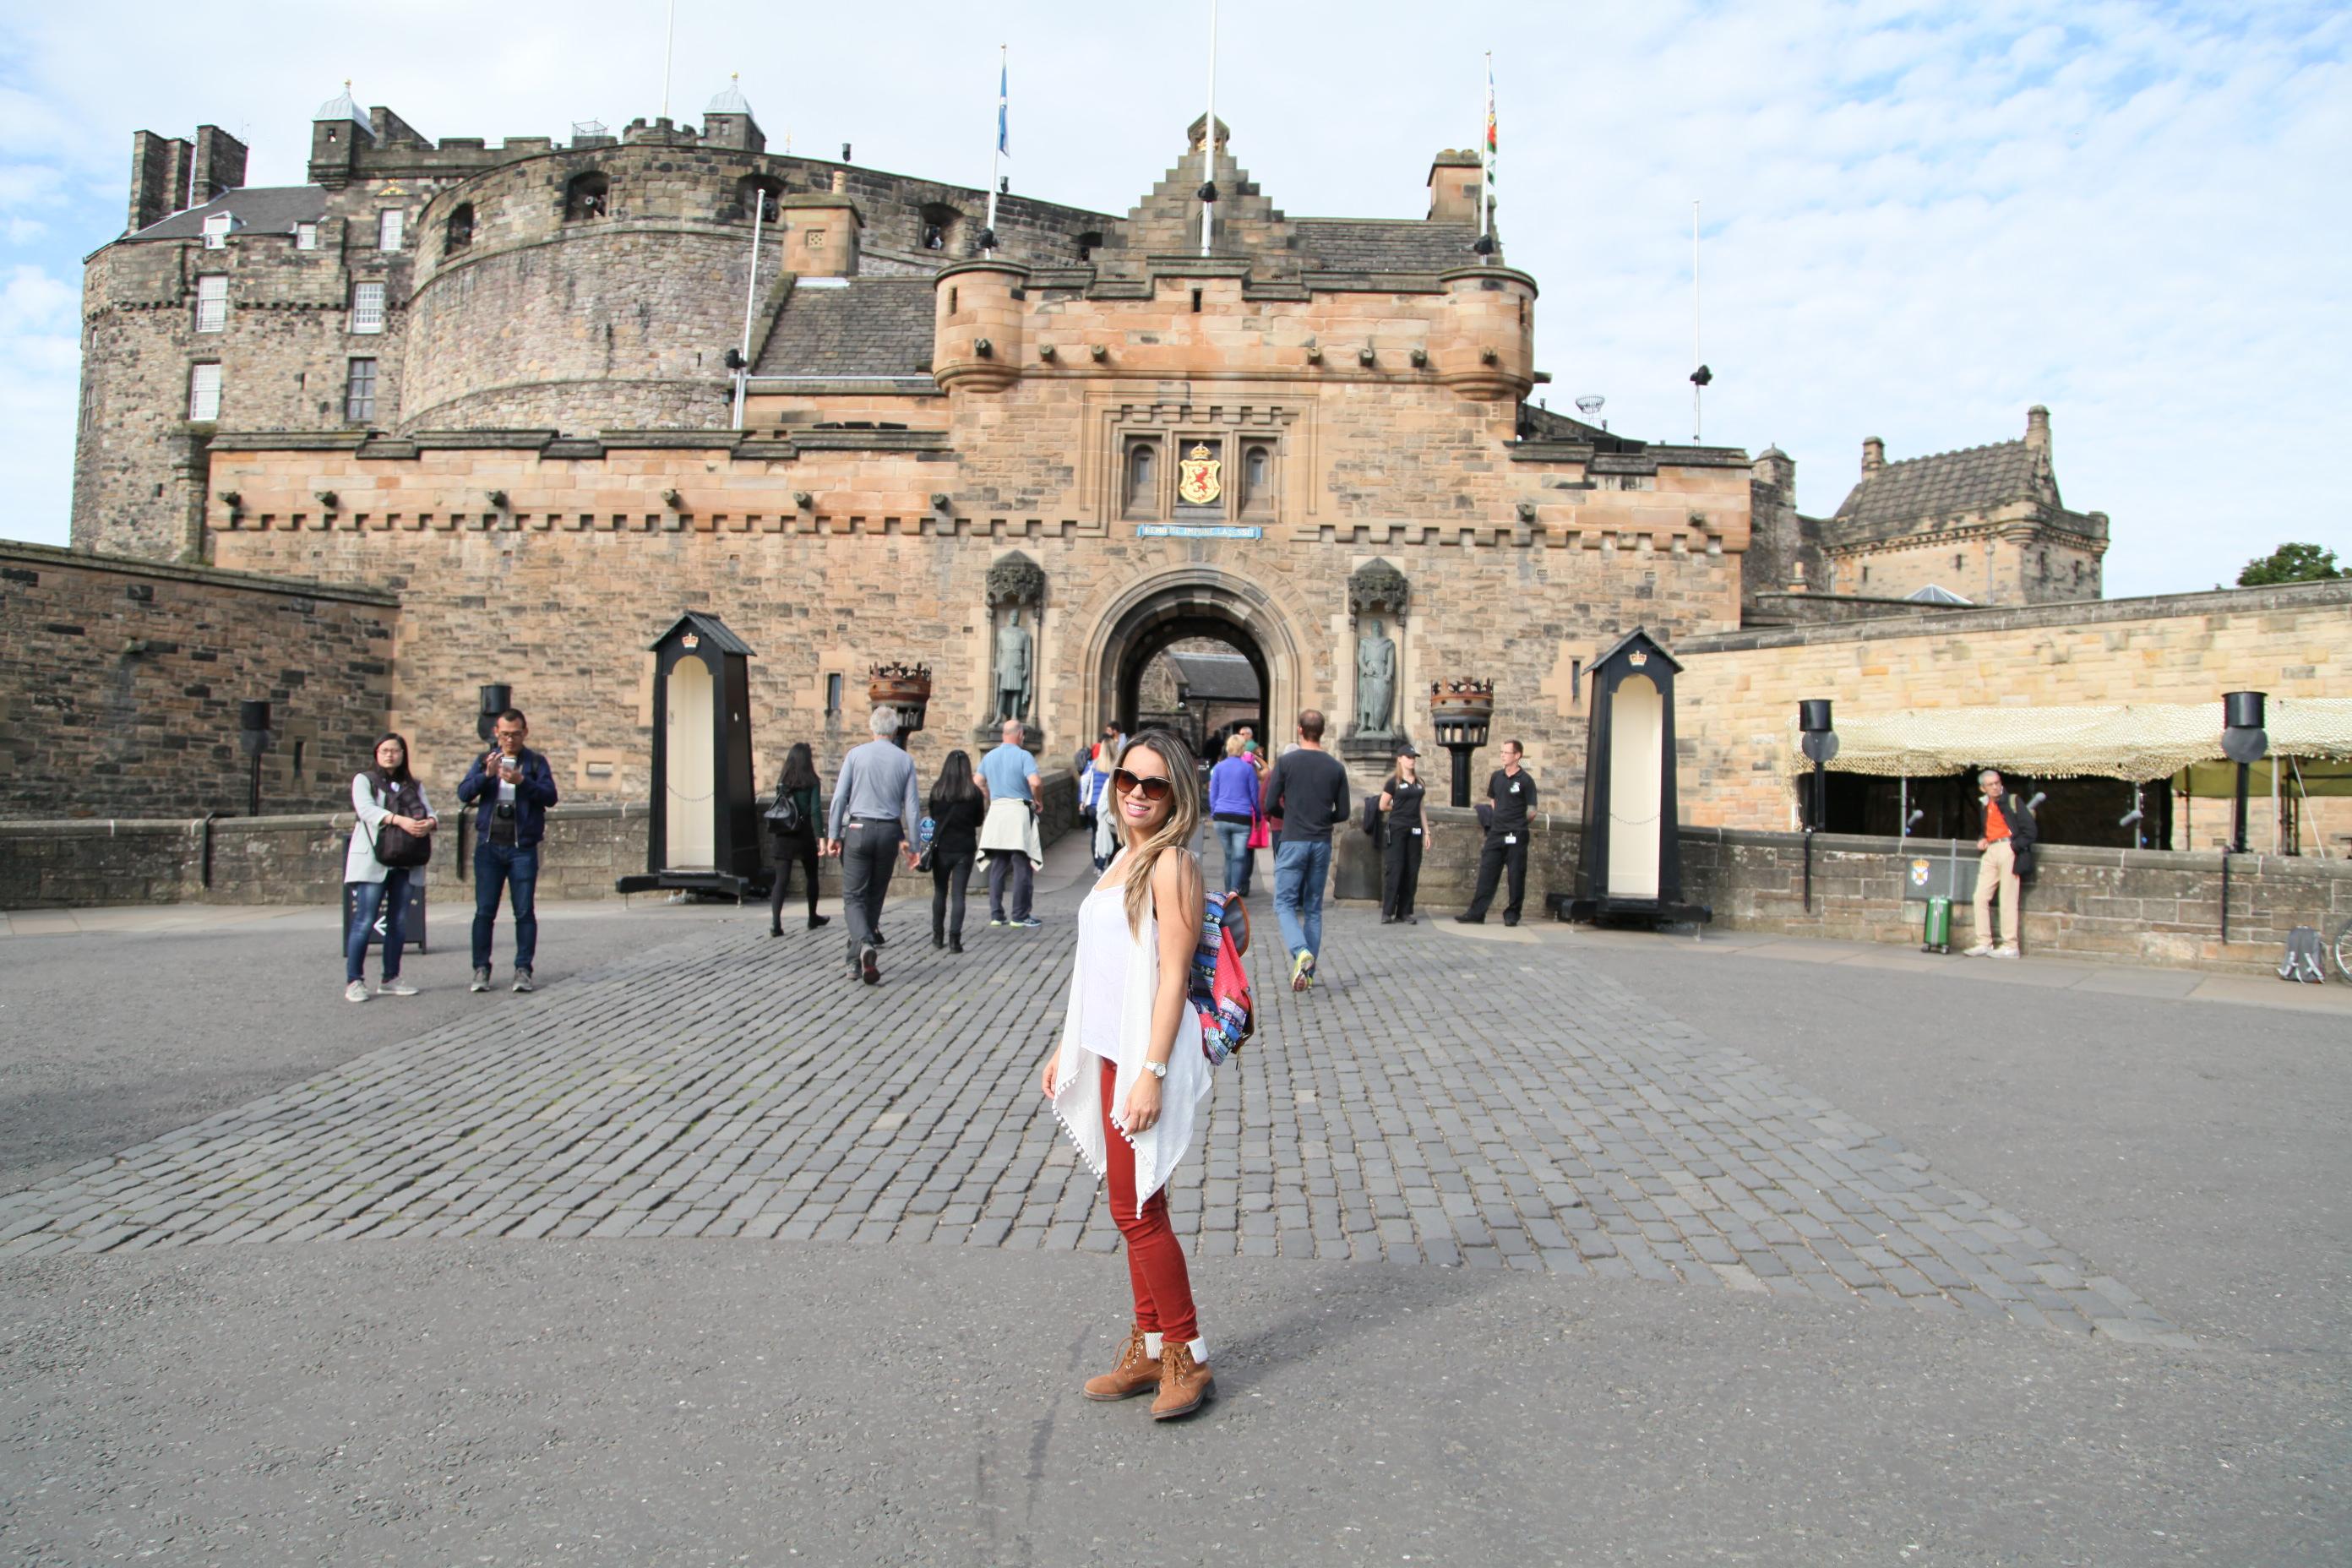 O que ver e fazer em Edimburgo em 24 horas